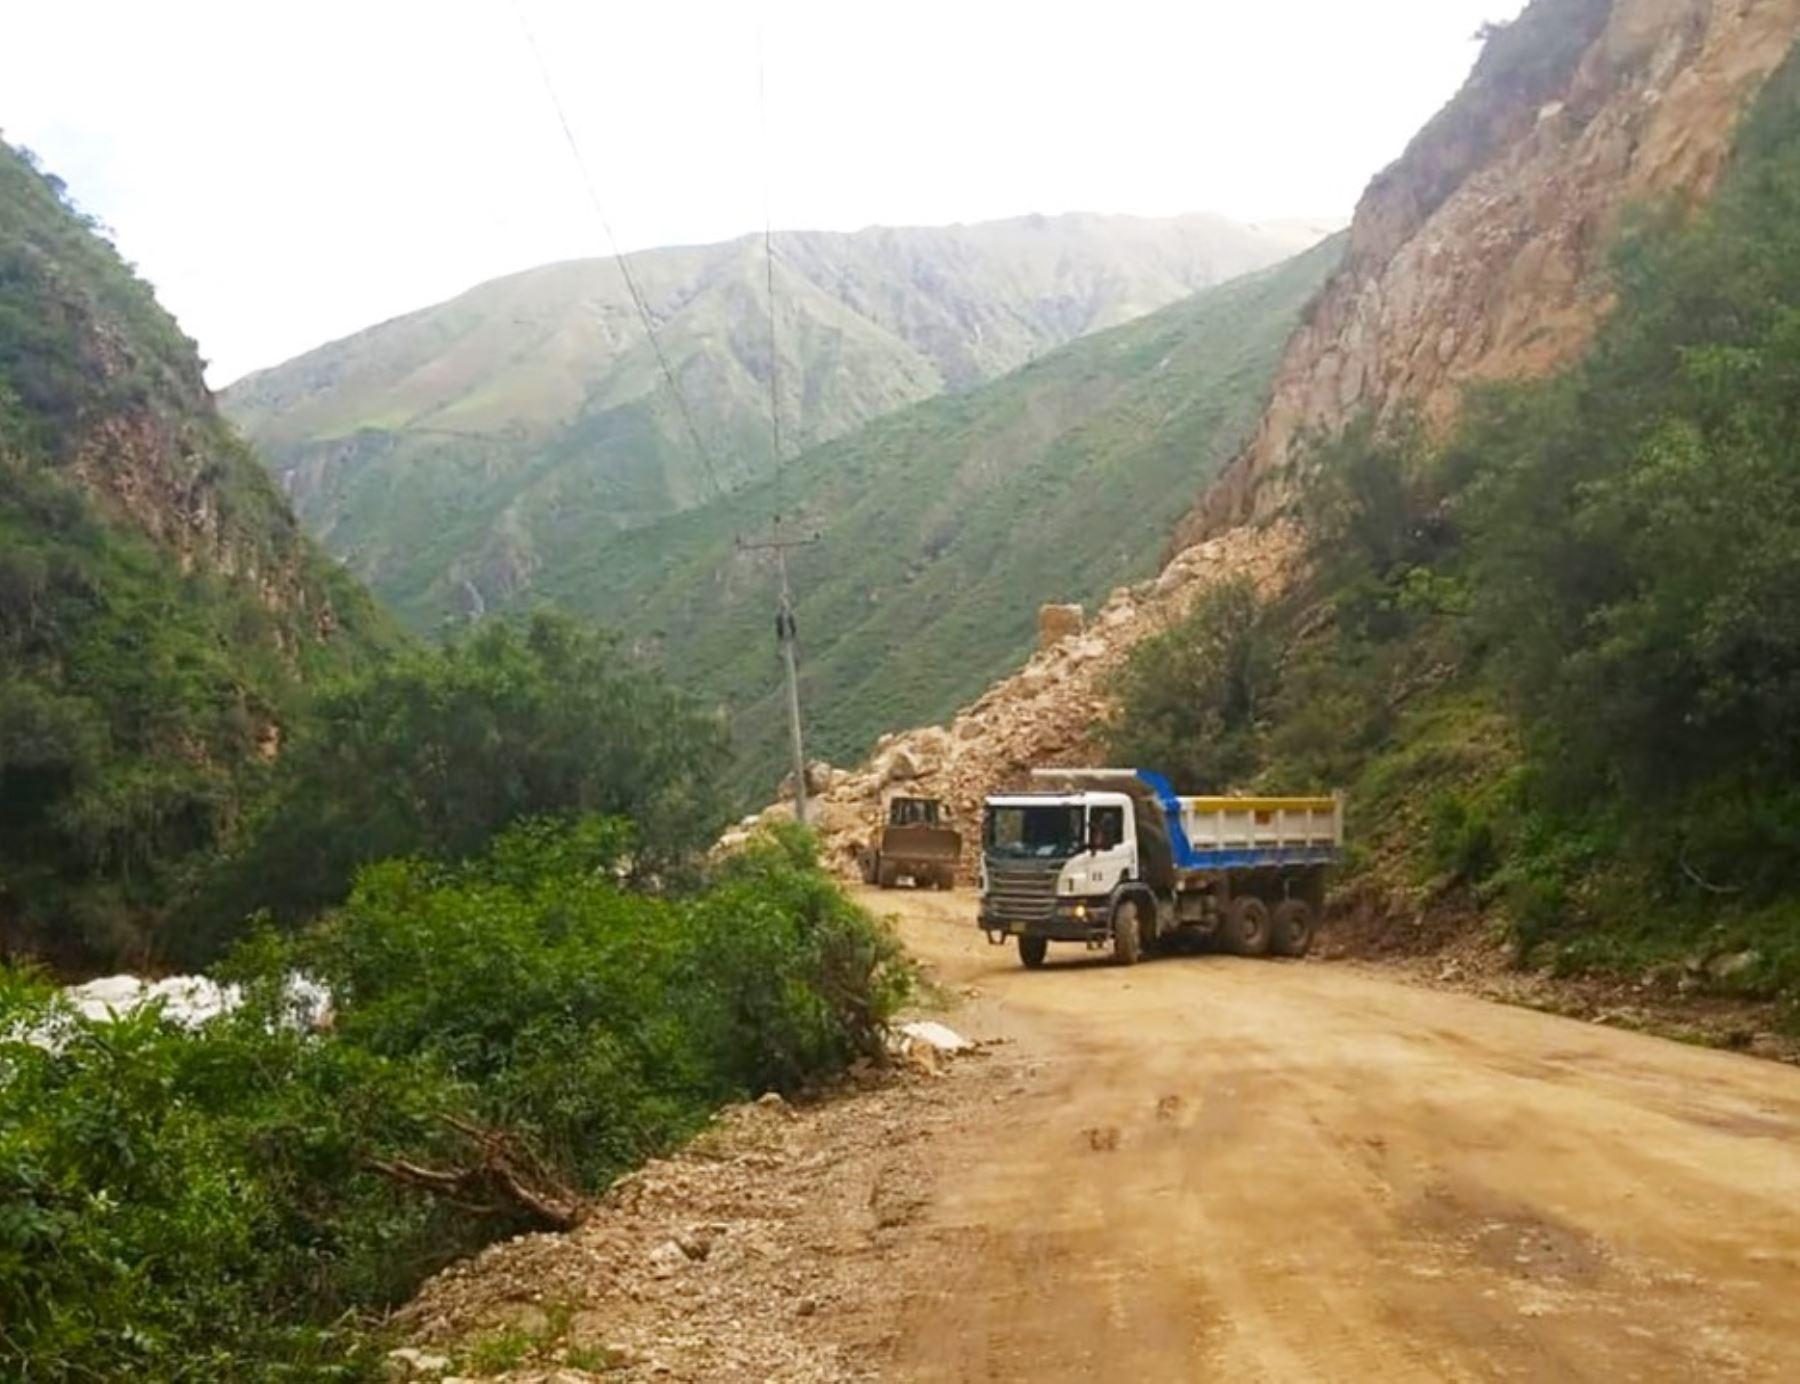 apurimac-buscan-restablecer-el-transito-en-carretera-afectada-por-deslizamientos